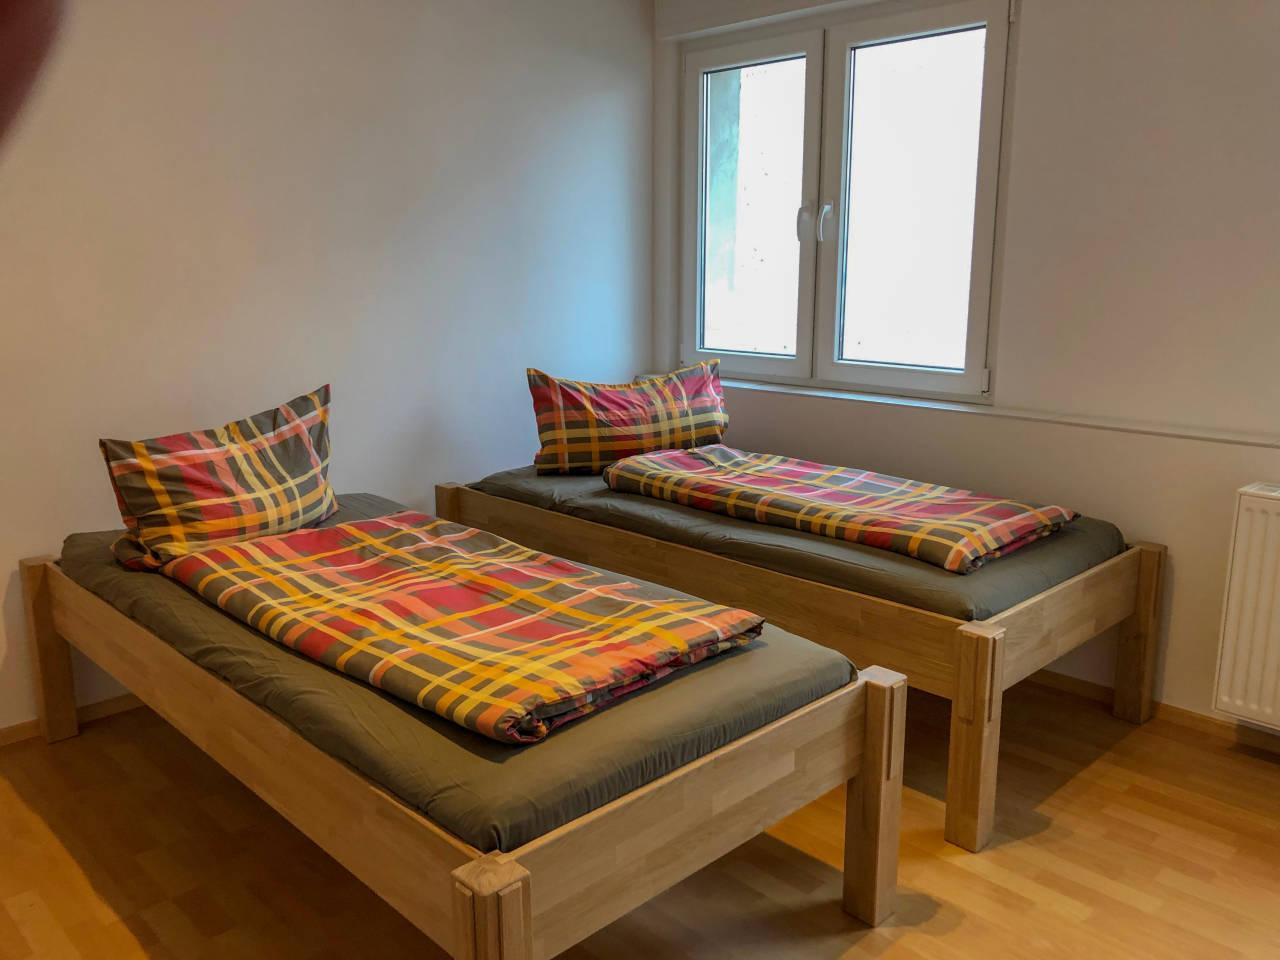 Zwei Betten in jeder Wohnung, mit Küche und eigenem Badezimmer, TV und Parkplatz vor der Wohnung